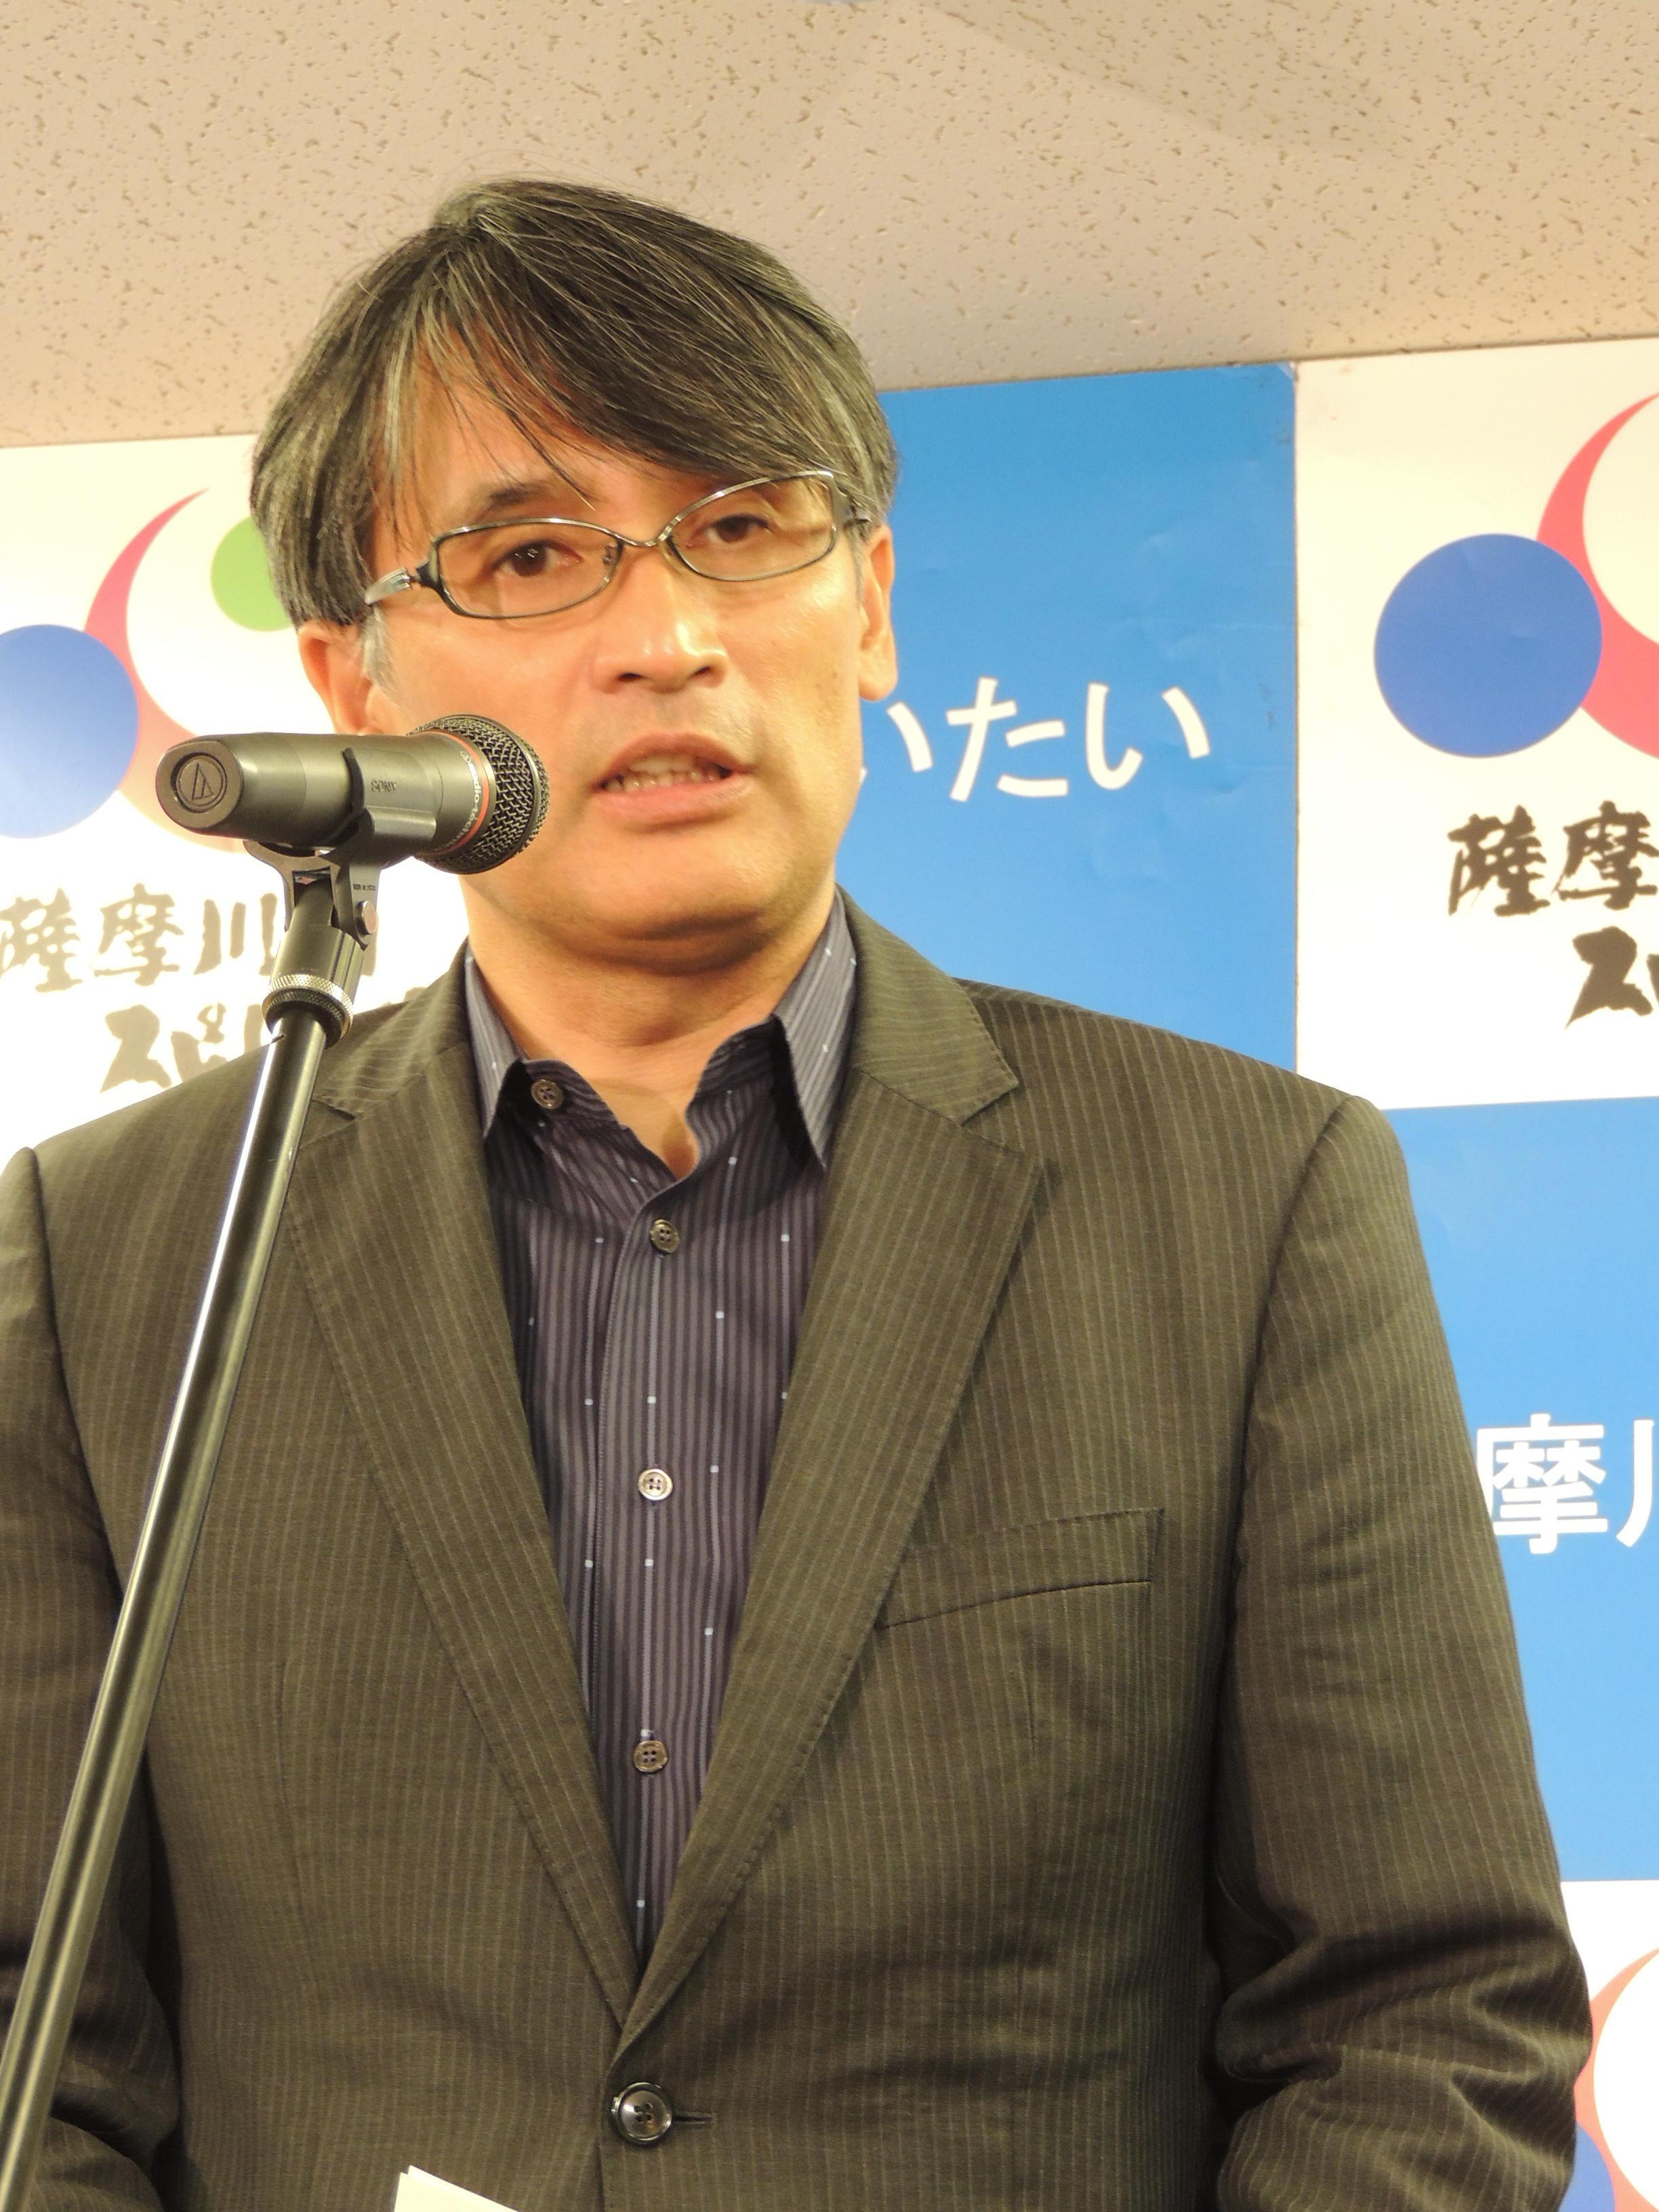 http://news.yoshimoto.co.jp/20160809000709-5196525d61fee2dfe9ccc5ec79a64417ca950ee8.jpg